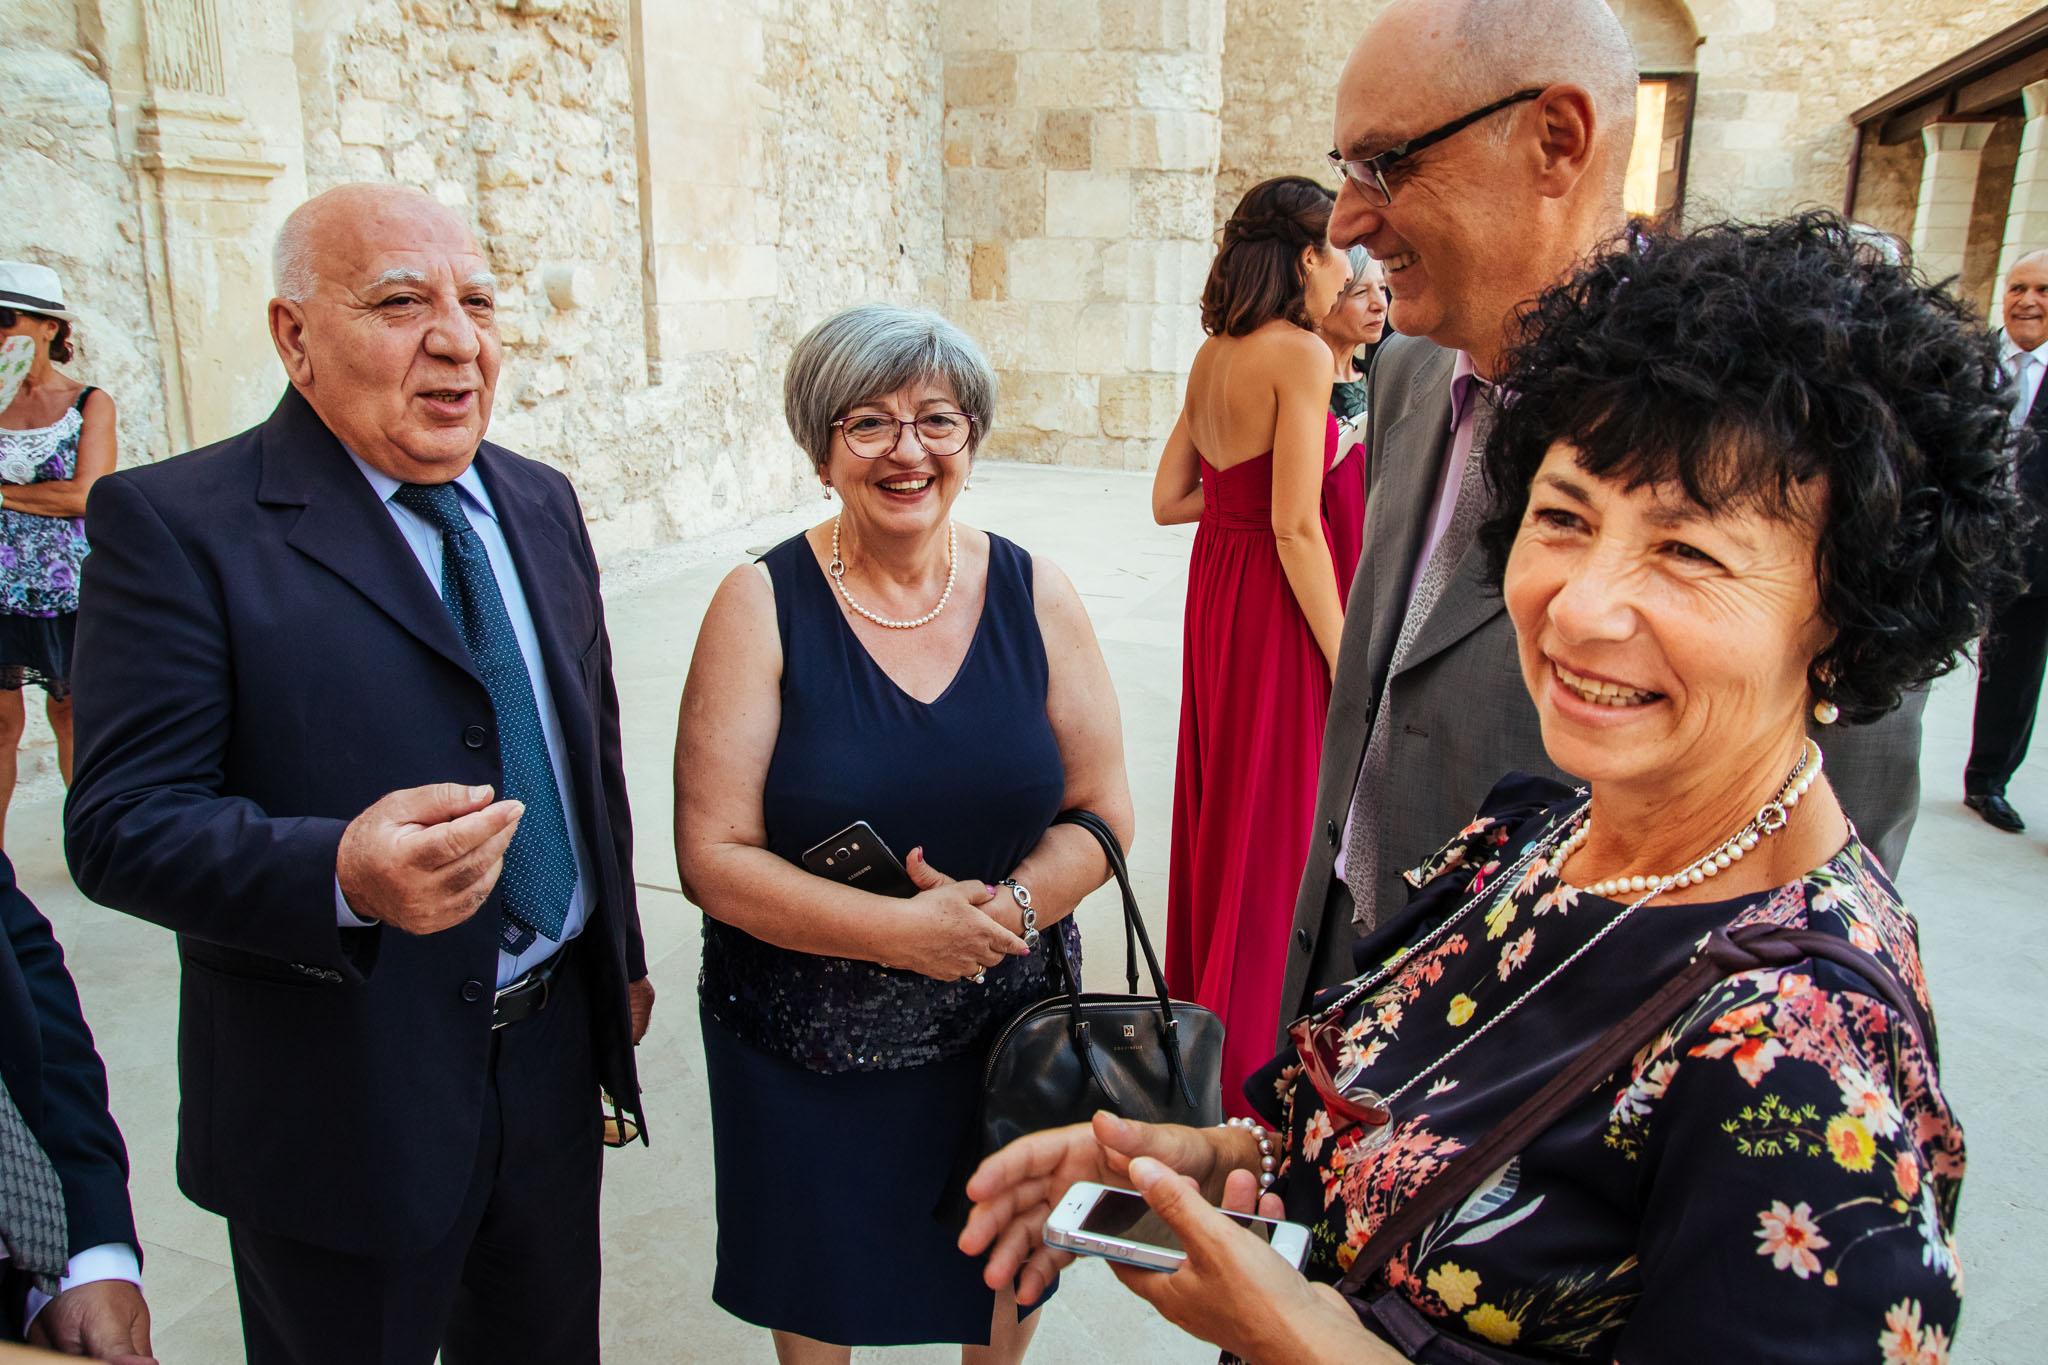 wedding-in-SYRACUSE-23.jpg